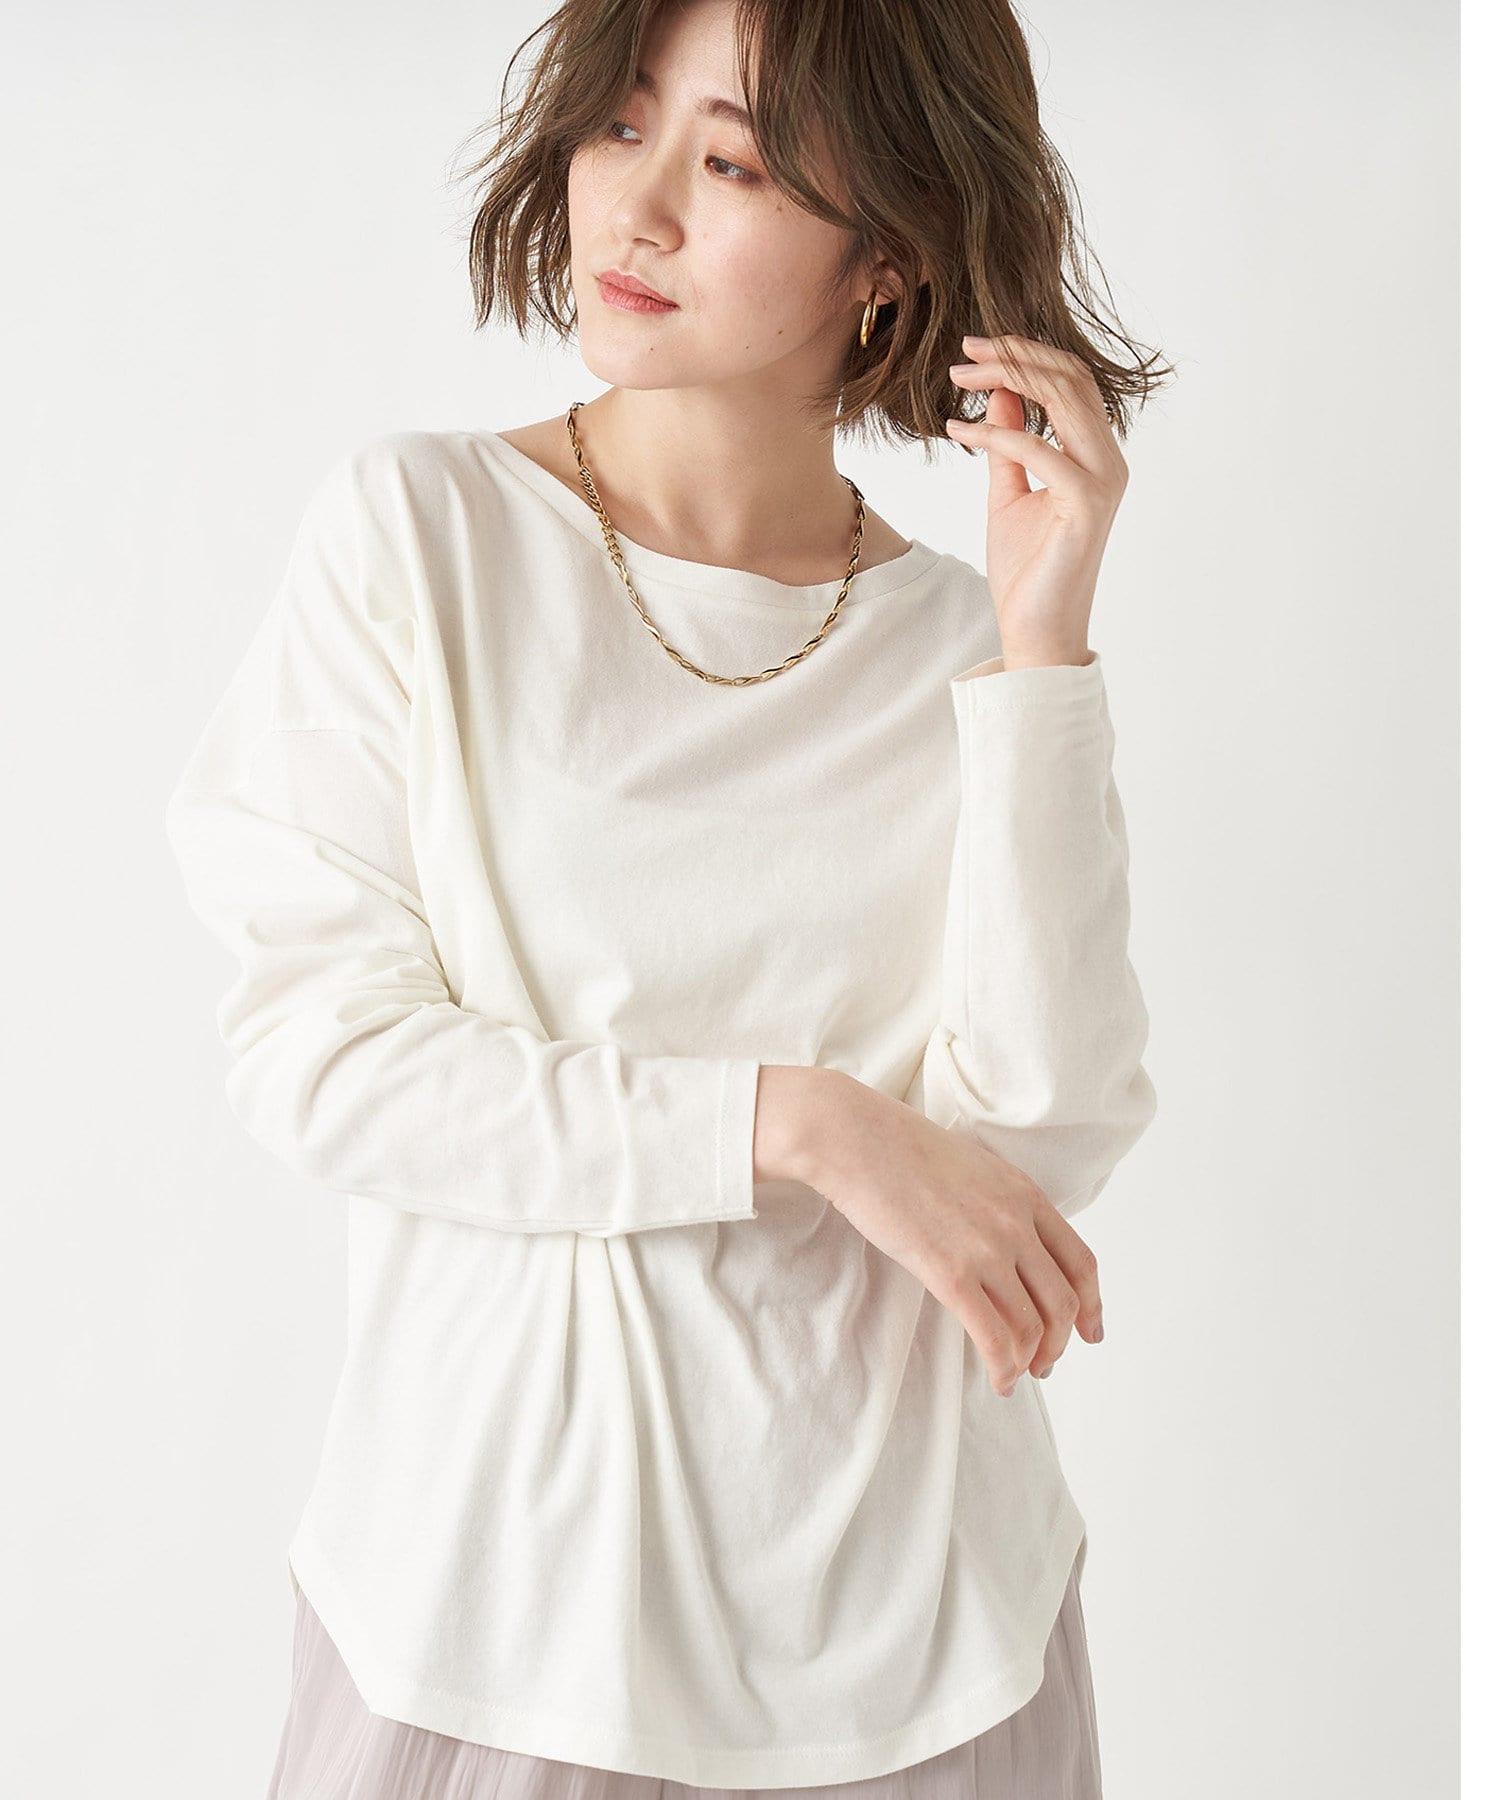 RIVE DROITE(リヴドロワ) レディース 【大人がマストで持ちたい】ハイツイストリラックスTシャツ オフホワイト